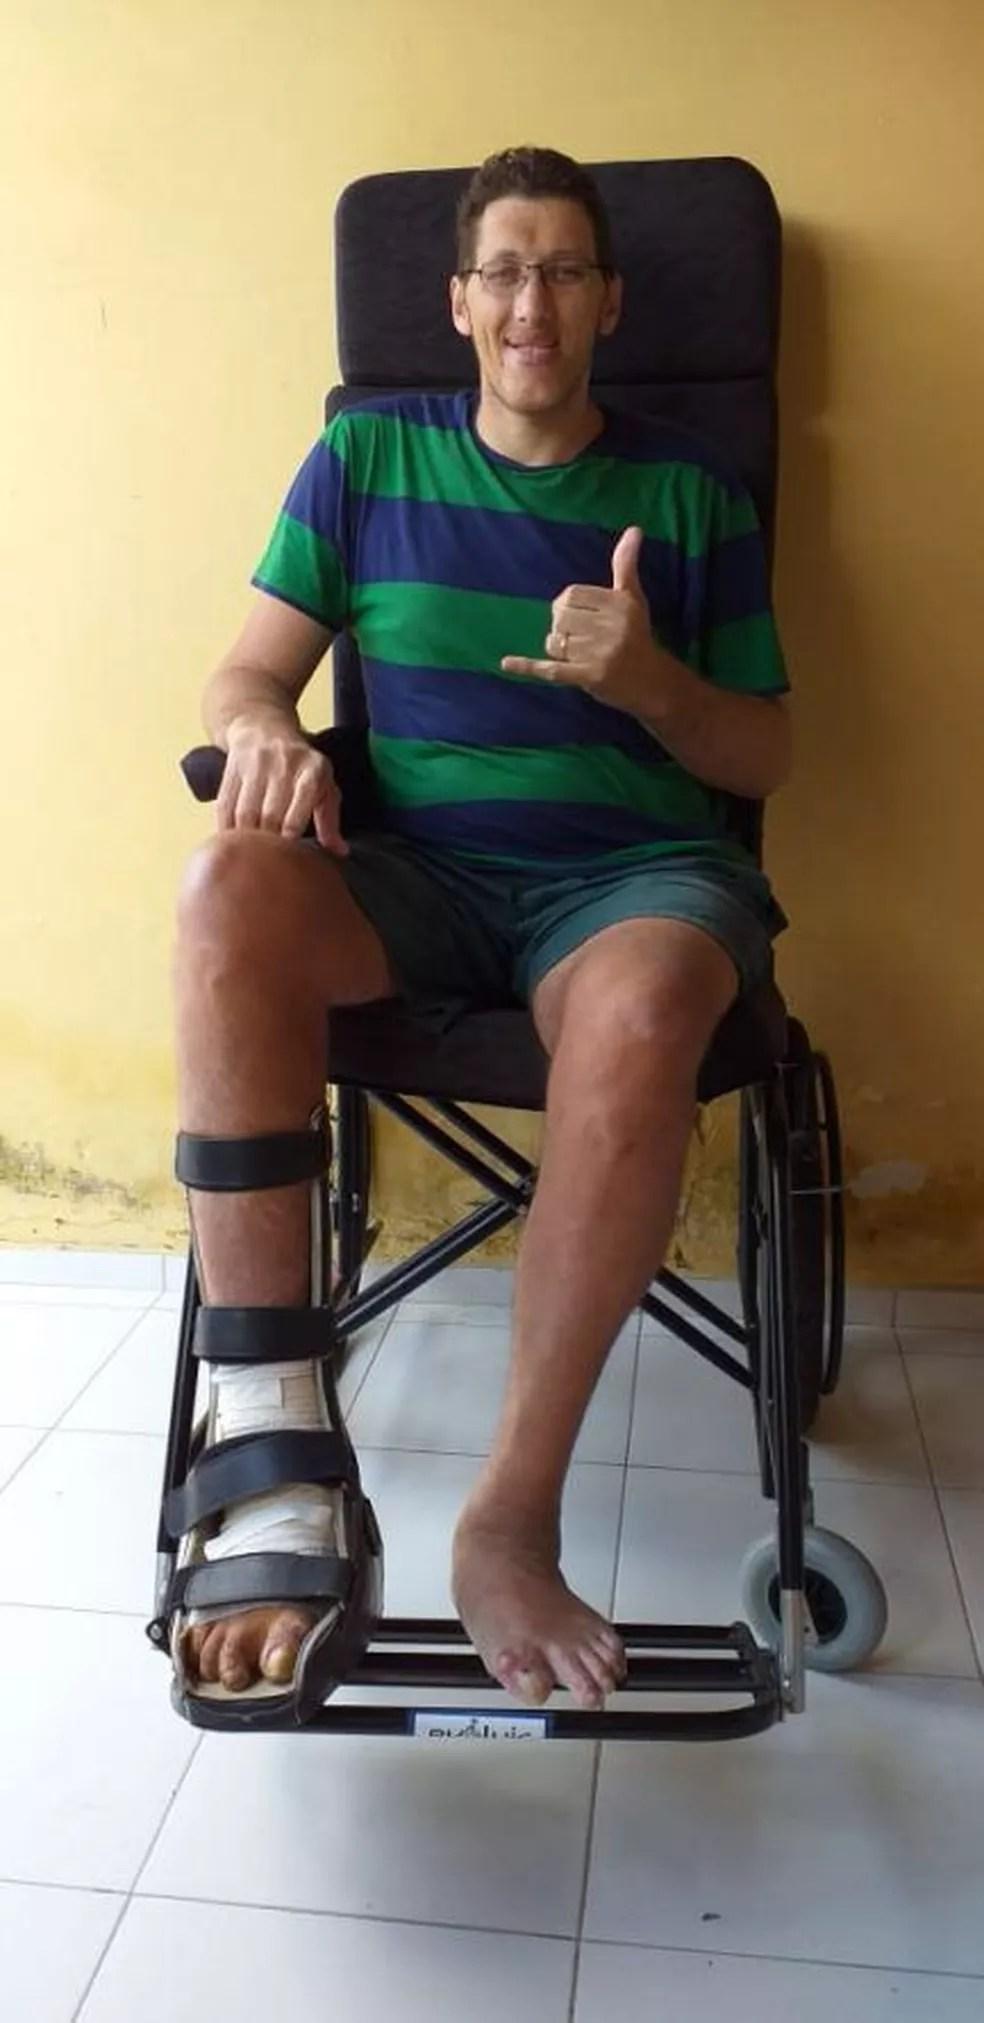 Homem mais alto do Brasil, Joelison Fernandes da Silva, deixou de andar há mais de 4 anos — Foto: Joelison Fernandes da Silva/Arquivo pessoal